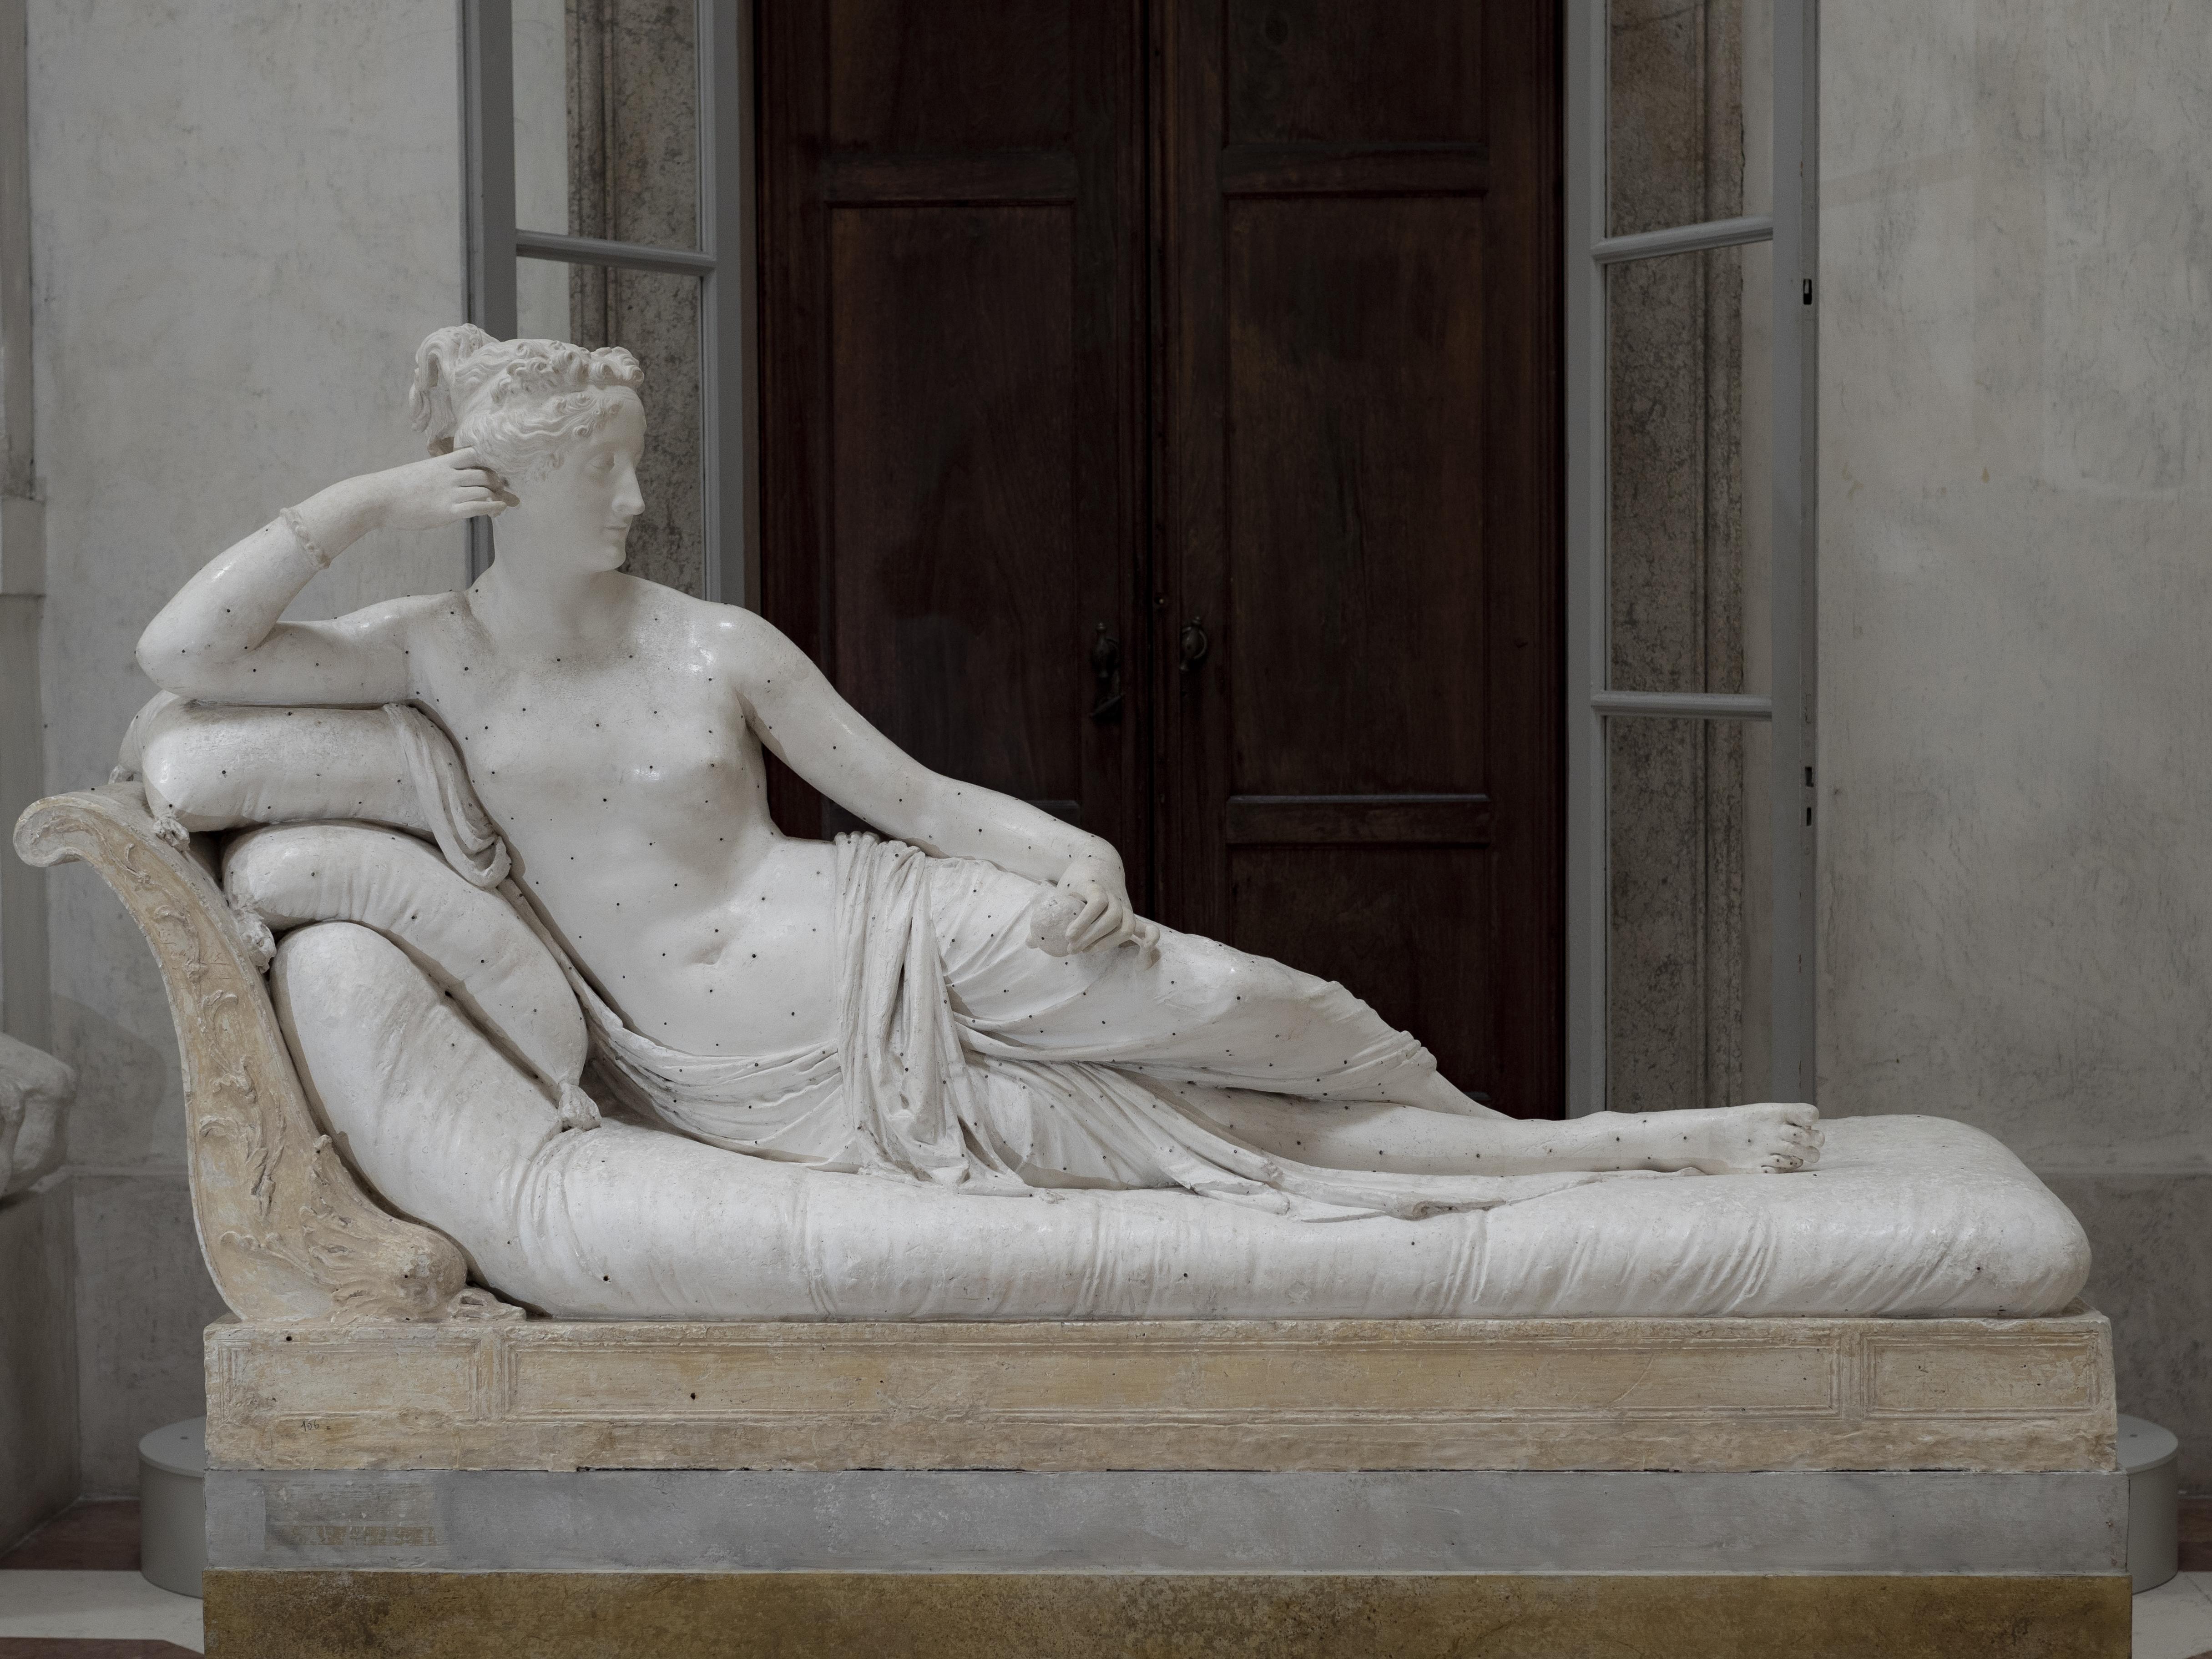 12. Antonio Canova  Paolina Borghese Bonaparte come Venere vincitrice,1804 – 1808 gesso, cm 167 x 68 x 145 Possagno, Gypsotheca e MuseoAntonio Canova